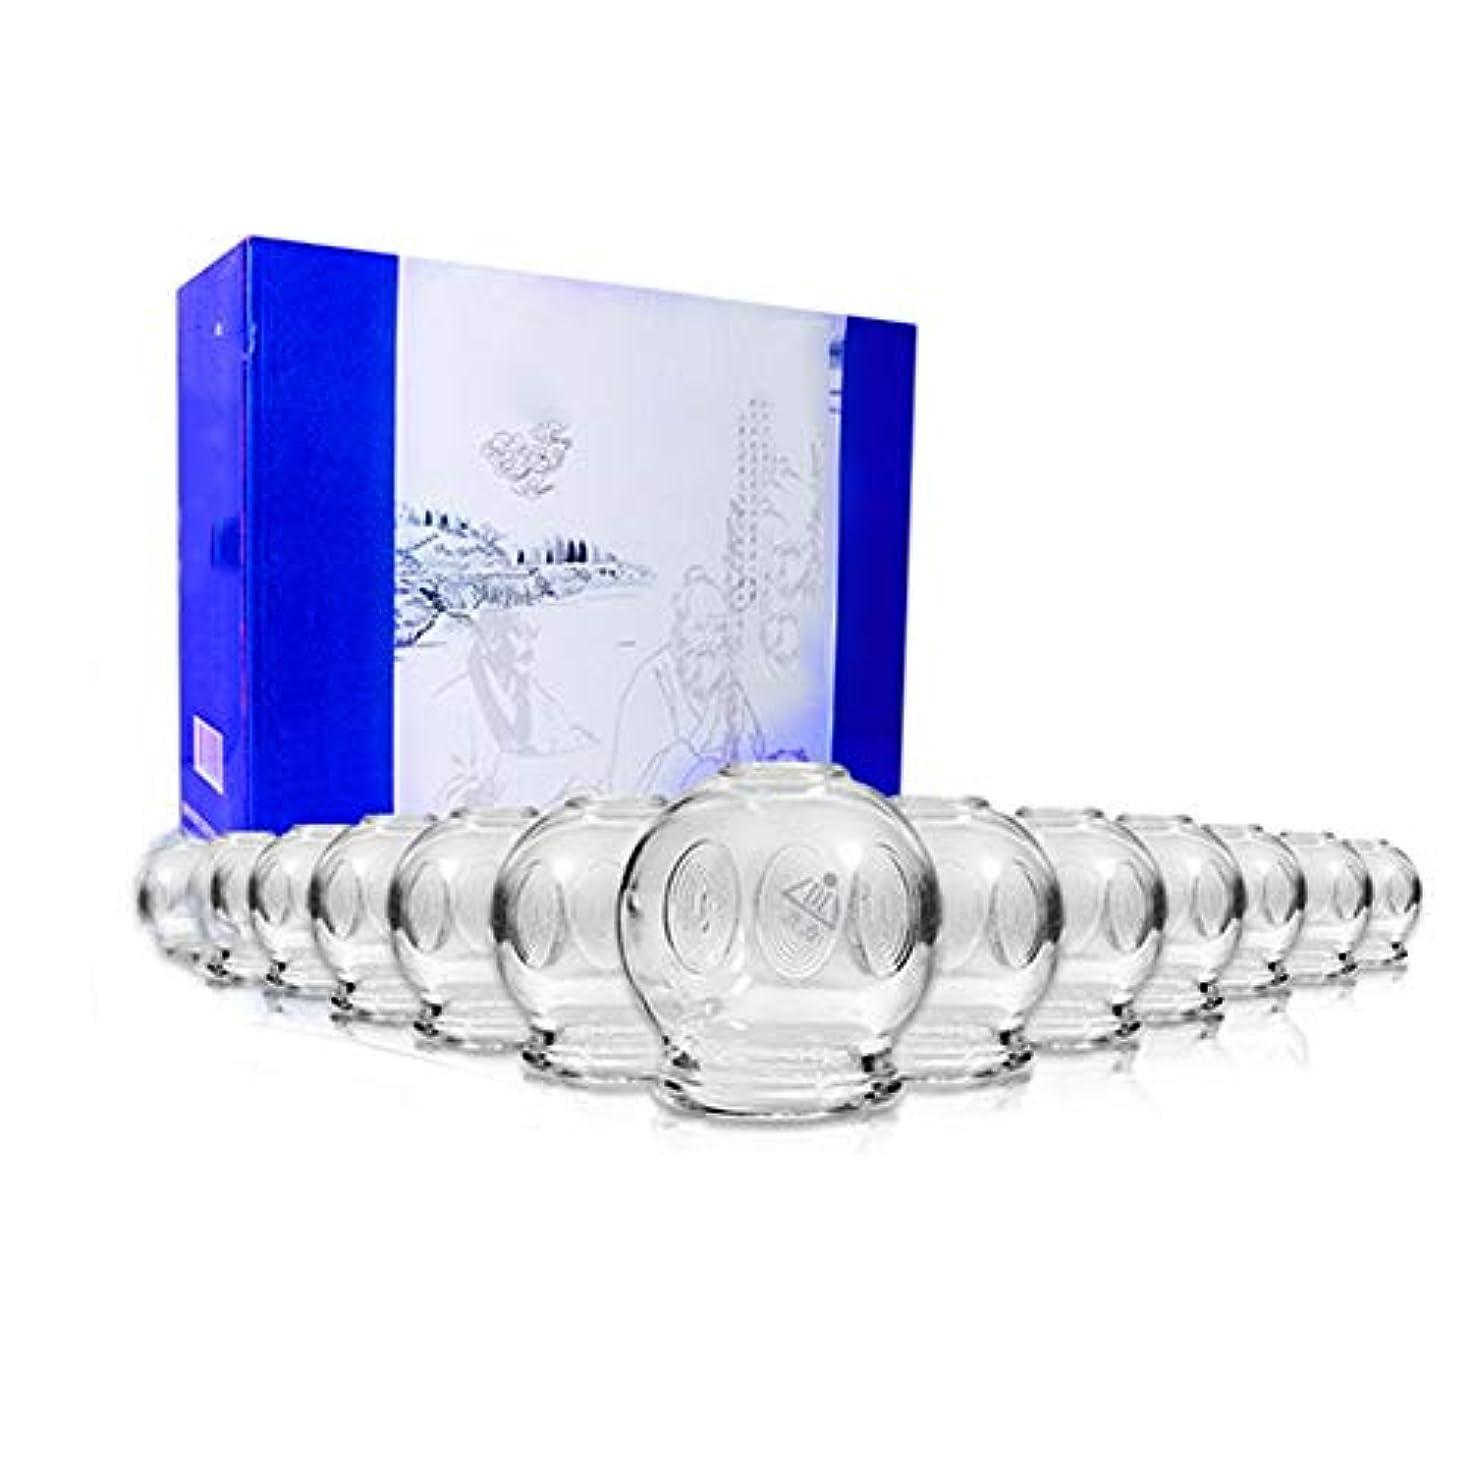 韓国複製フェッチカッピングで吸引エステガラス製カッピングセット真空カッピング16缶厚くて耐久性があり、家庭で筋肉疲労を和らげるのに適しています。